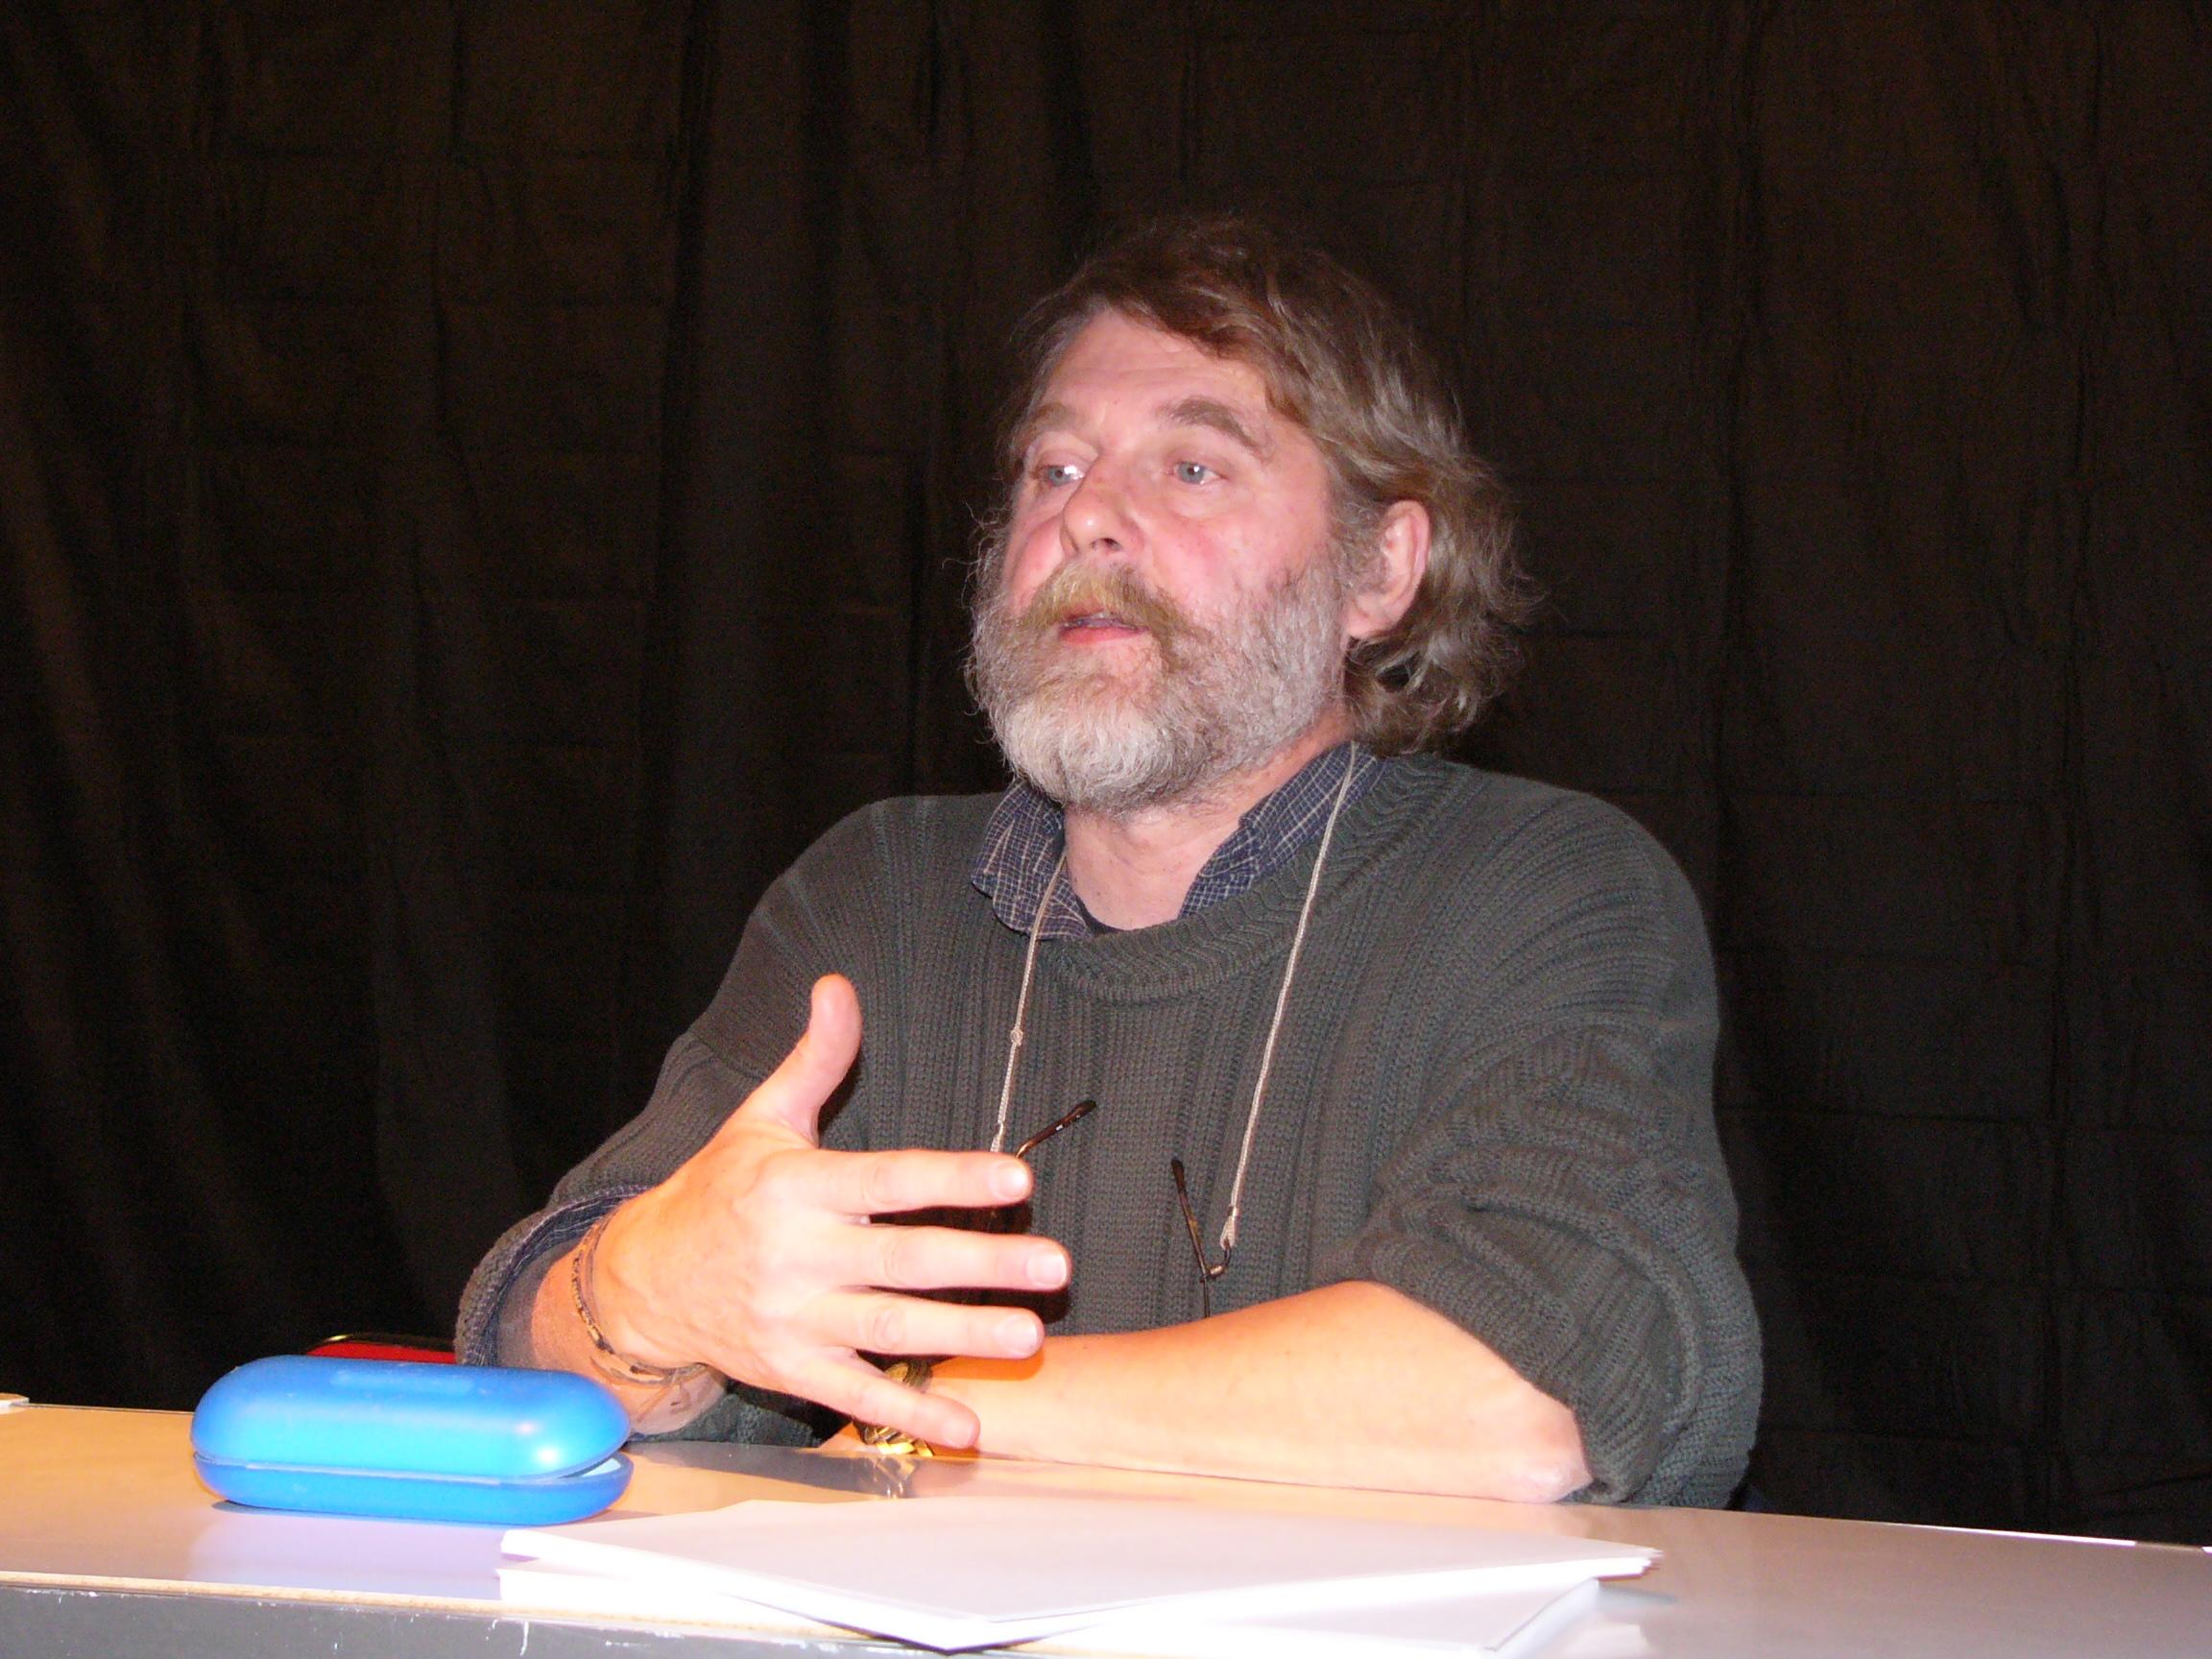 Šabach in 2007